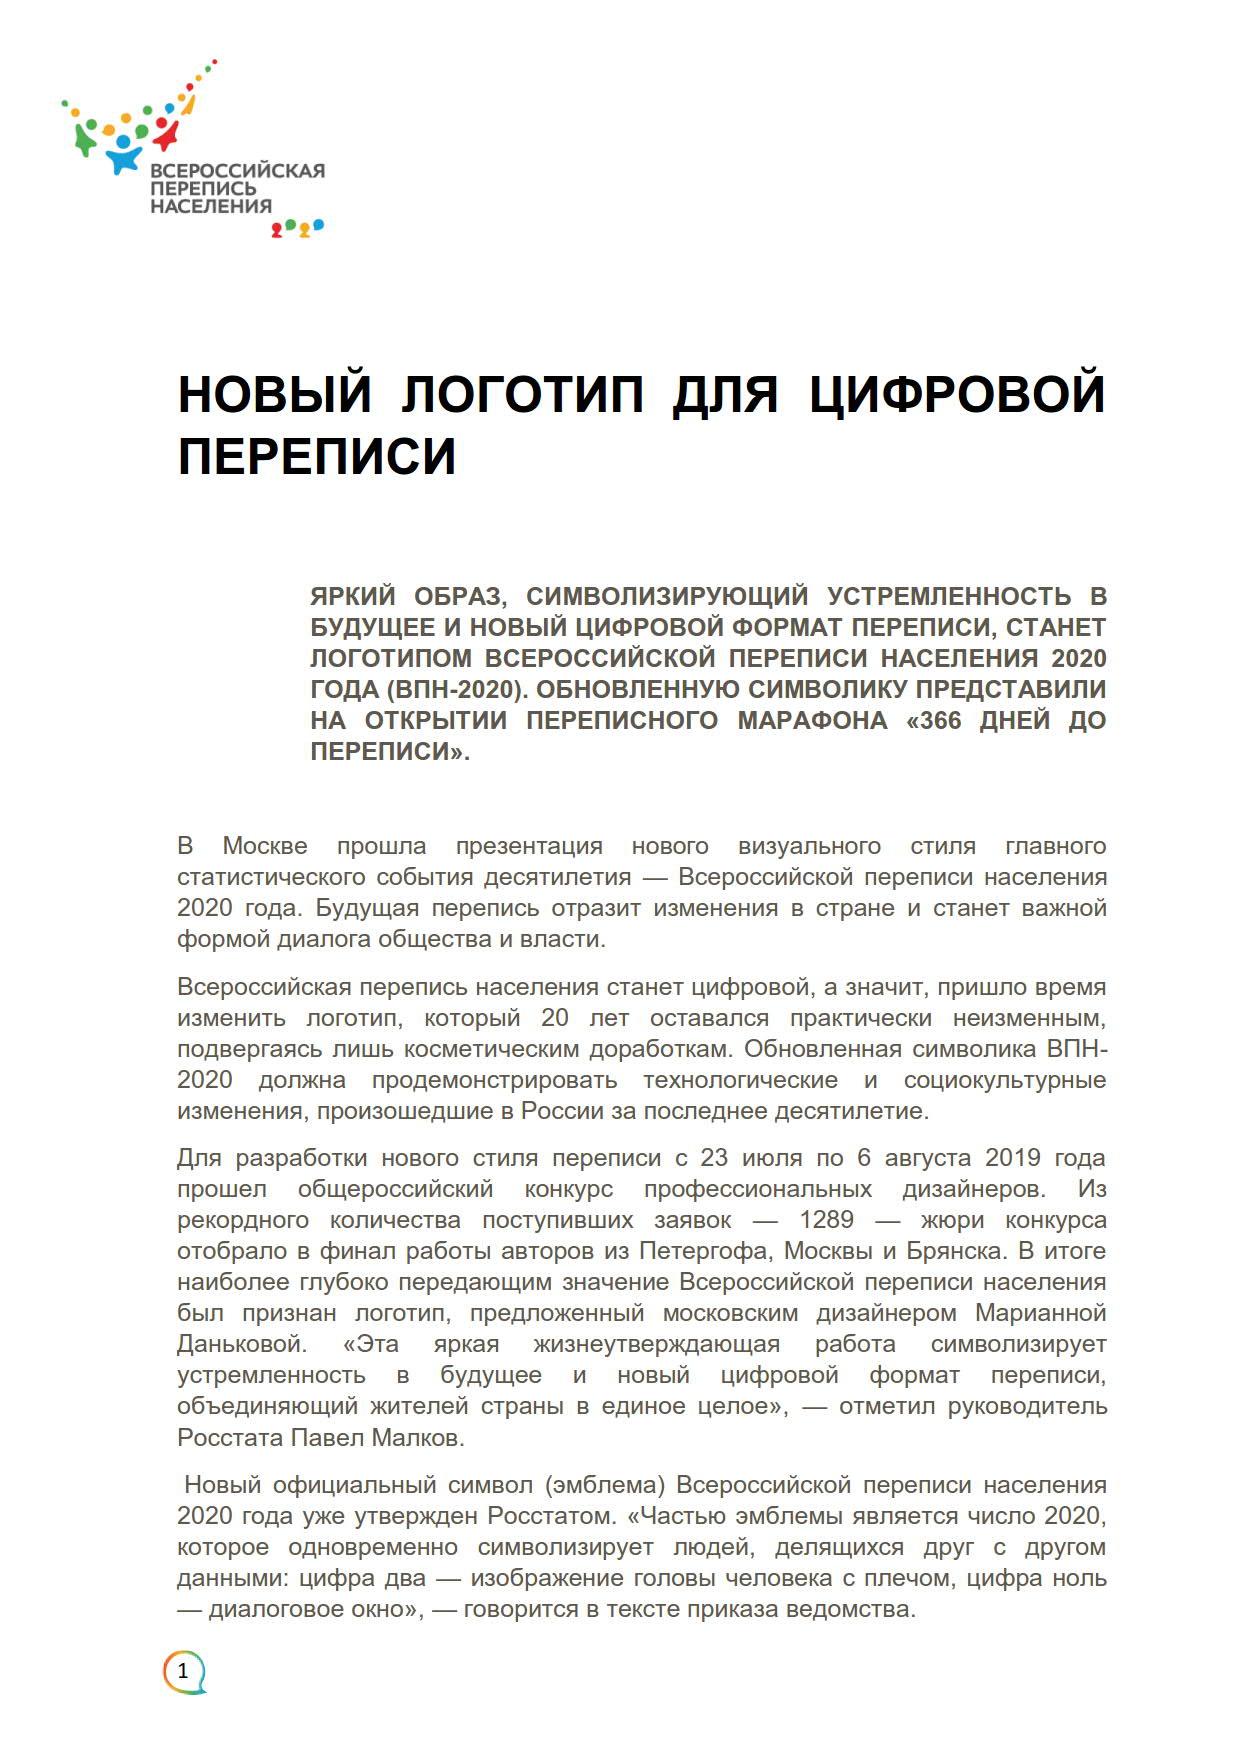 Новая символика_ВПН 2020_1